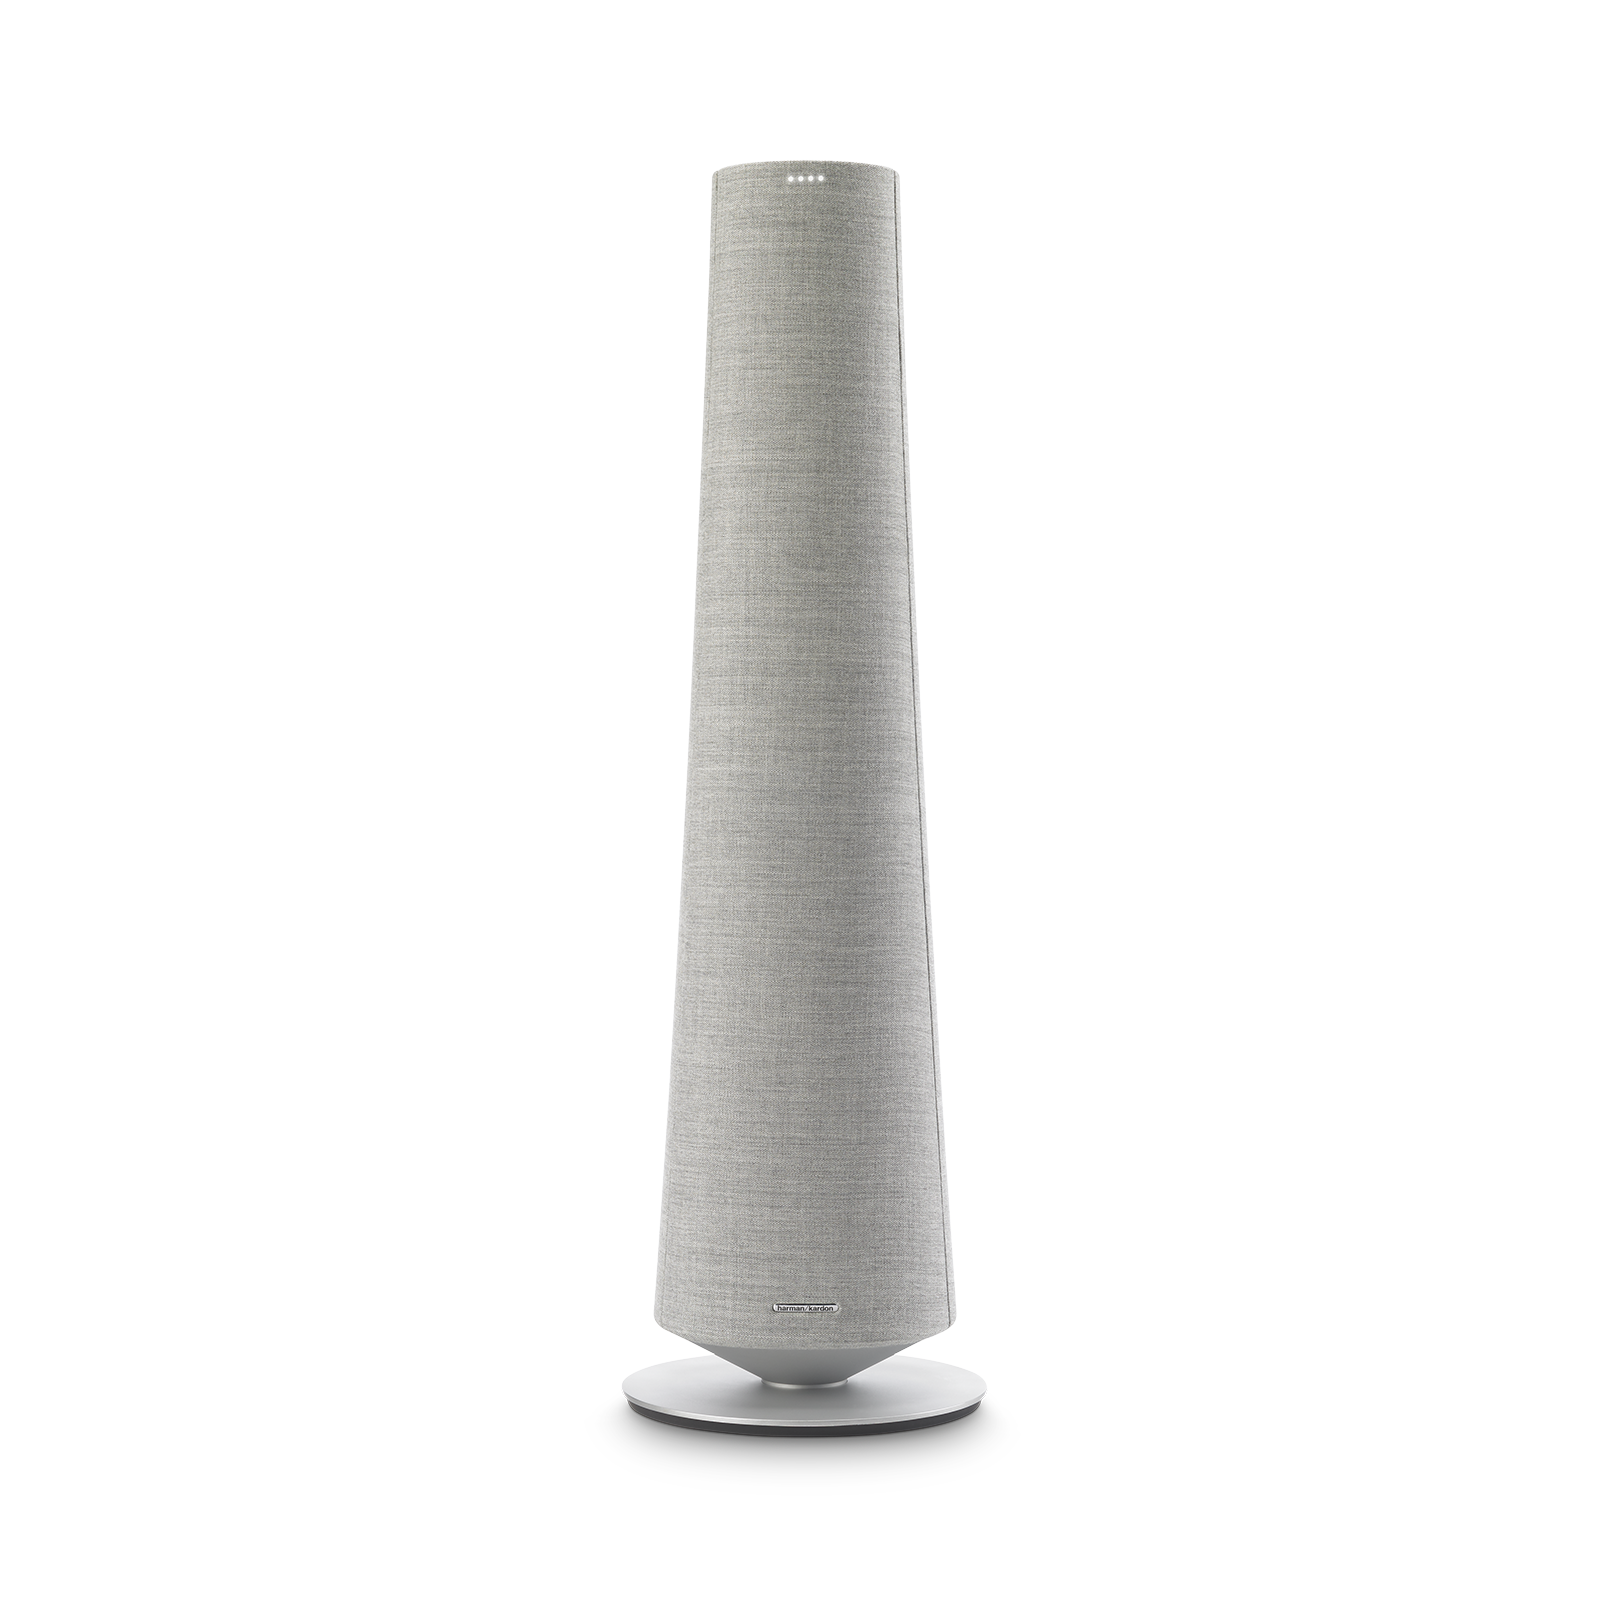 Harman Kardon Citation Tower